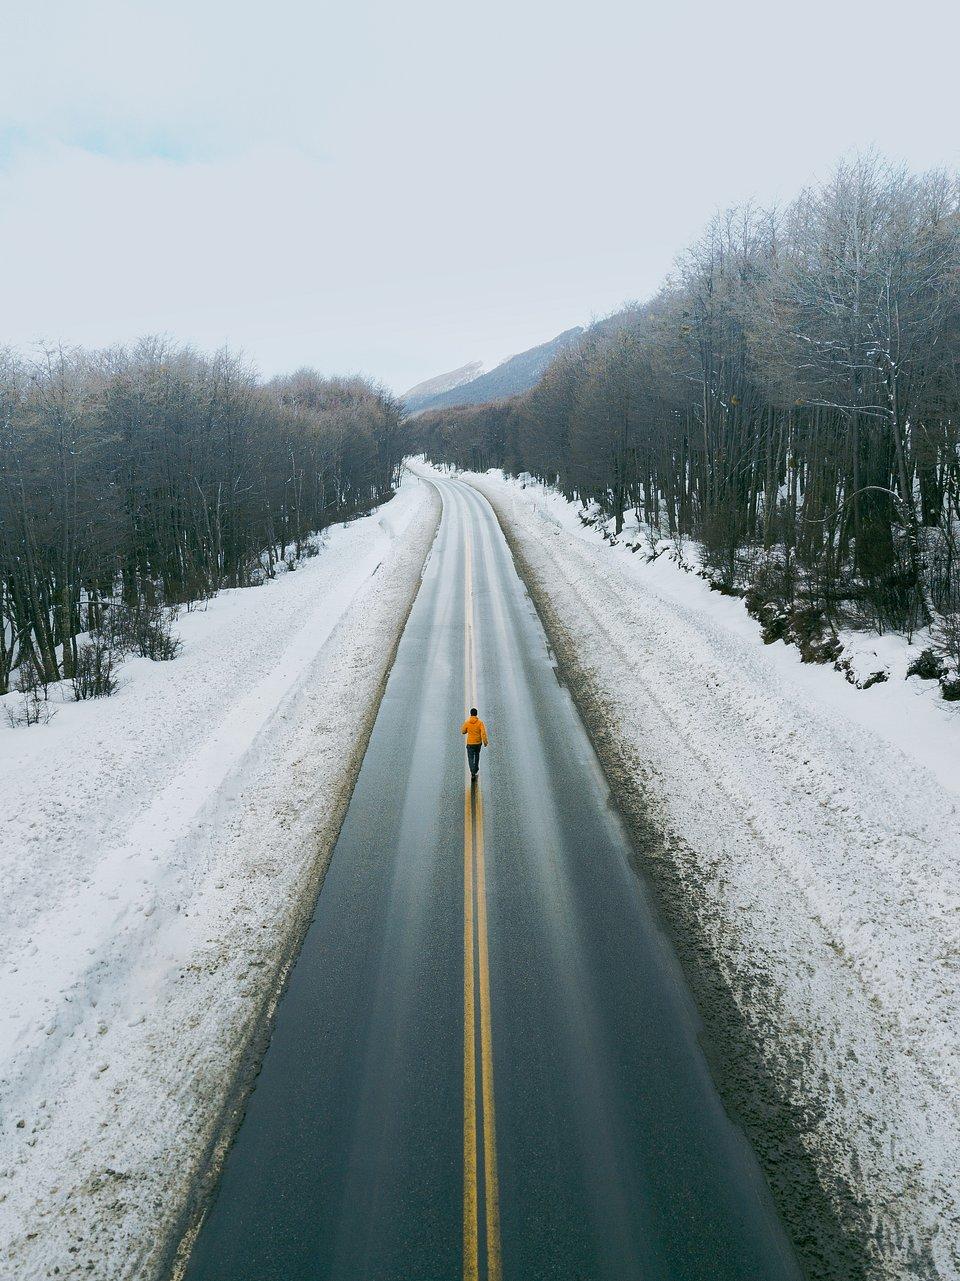 Location: Ushuaia, Tierra del Fuego, Argentina